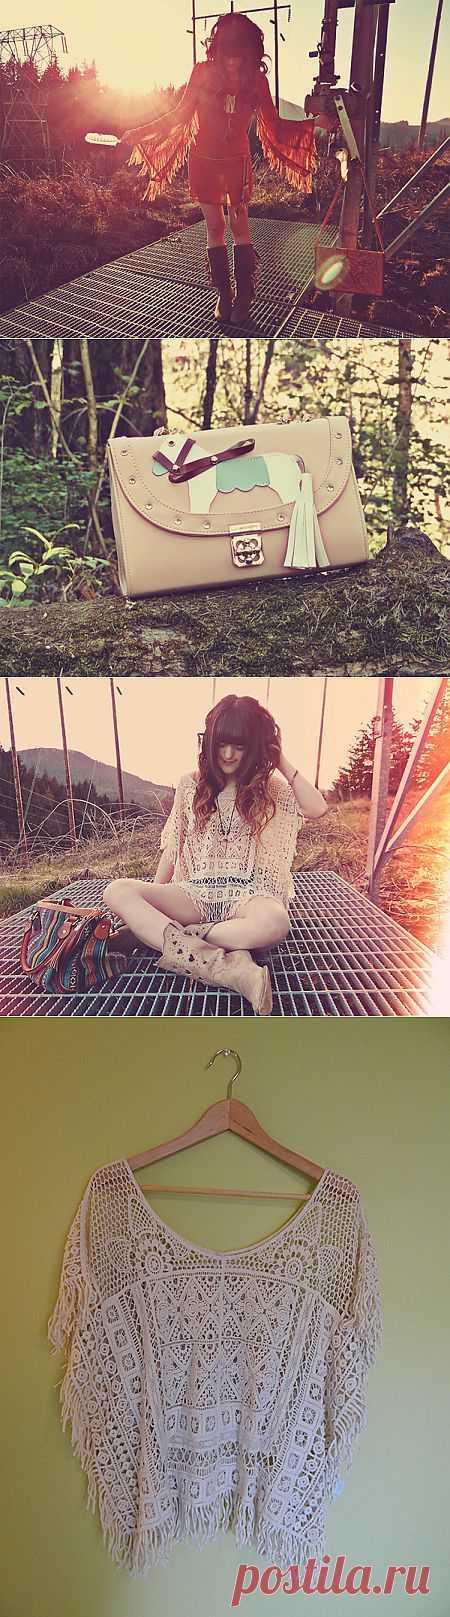 Вкусная Ashlei Louise / Блоггеры / Модный сайт о стильной переделке одежды и интерьера